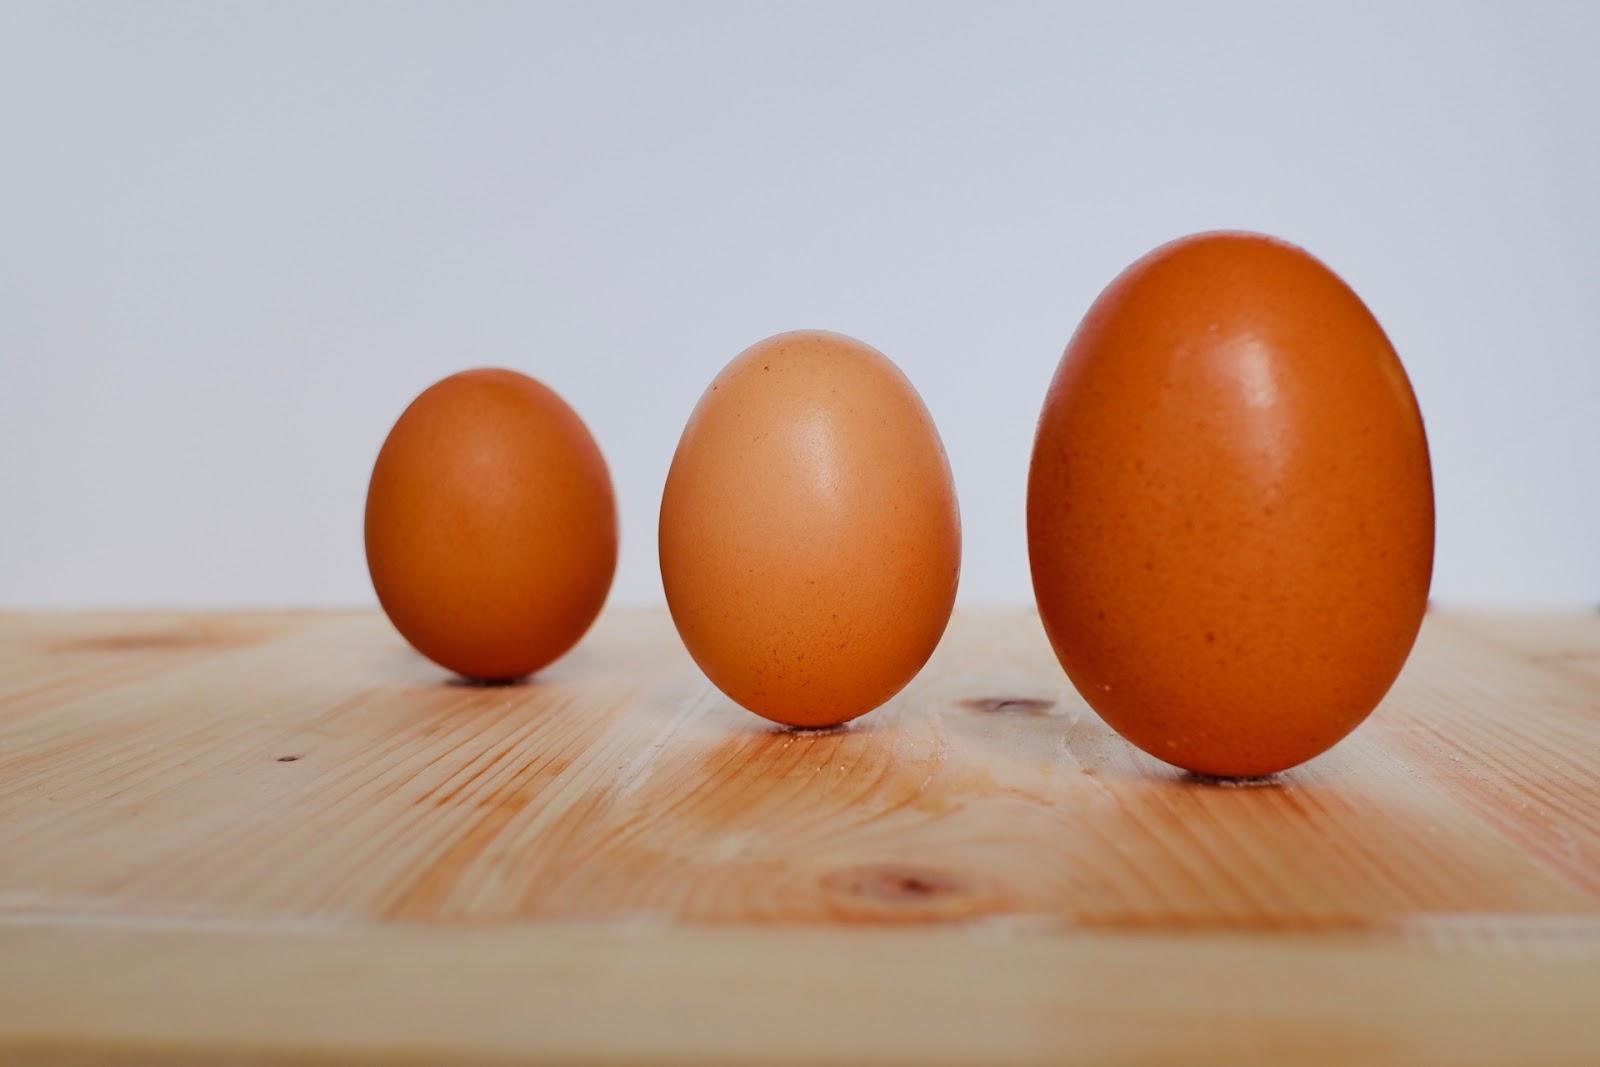 「二黄卵」の見分け方